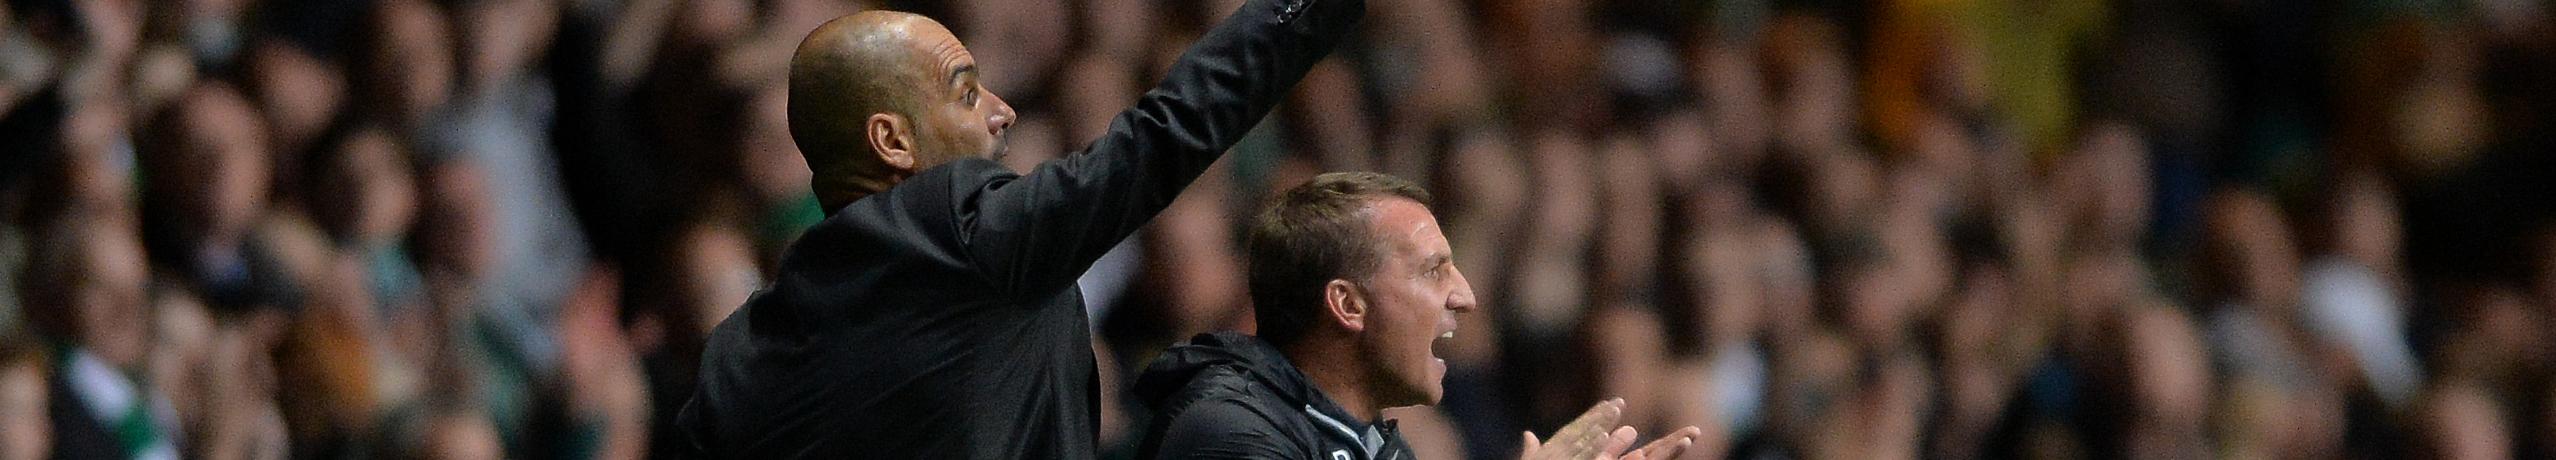 Manchester City-Leicester, all'Etihad 90 minuti per decidere chi può continuare a sognare